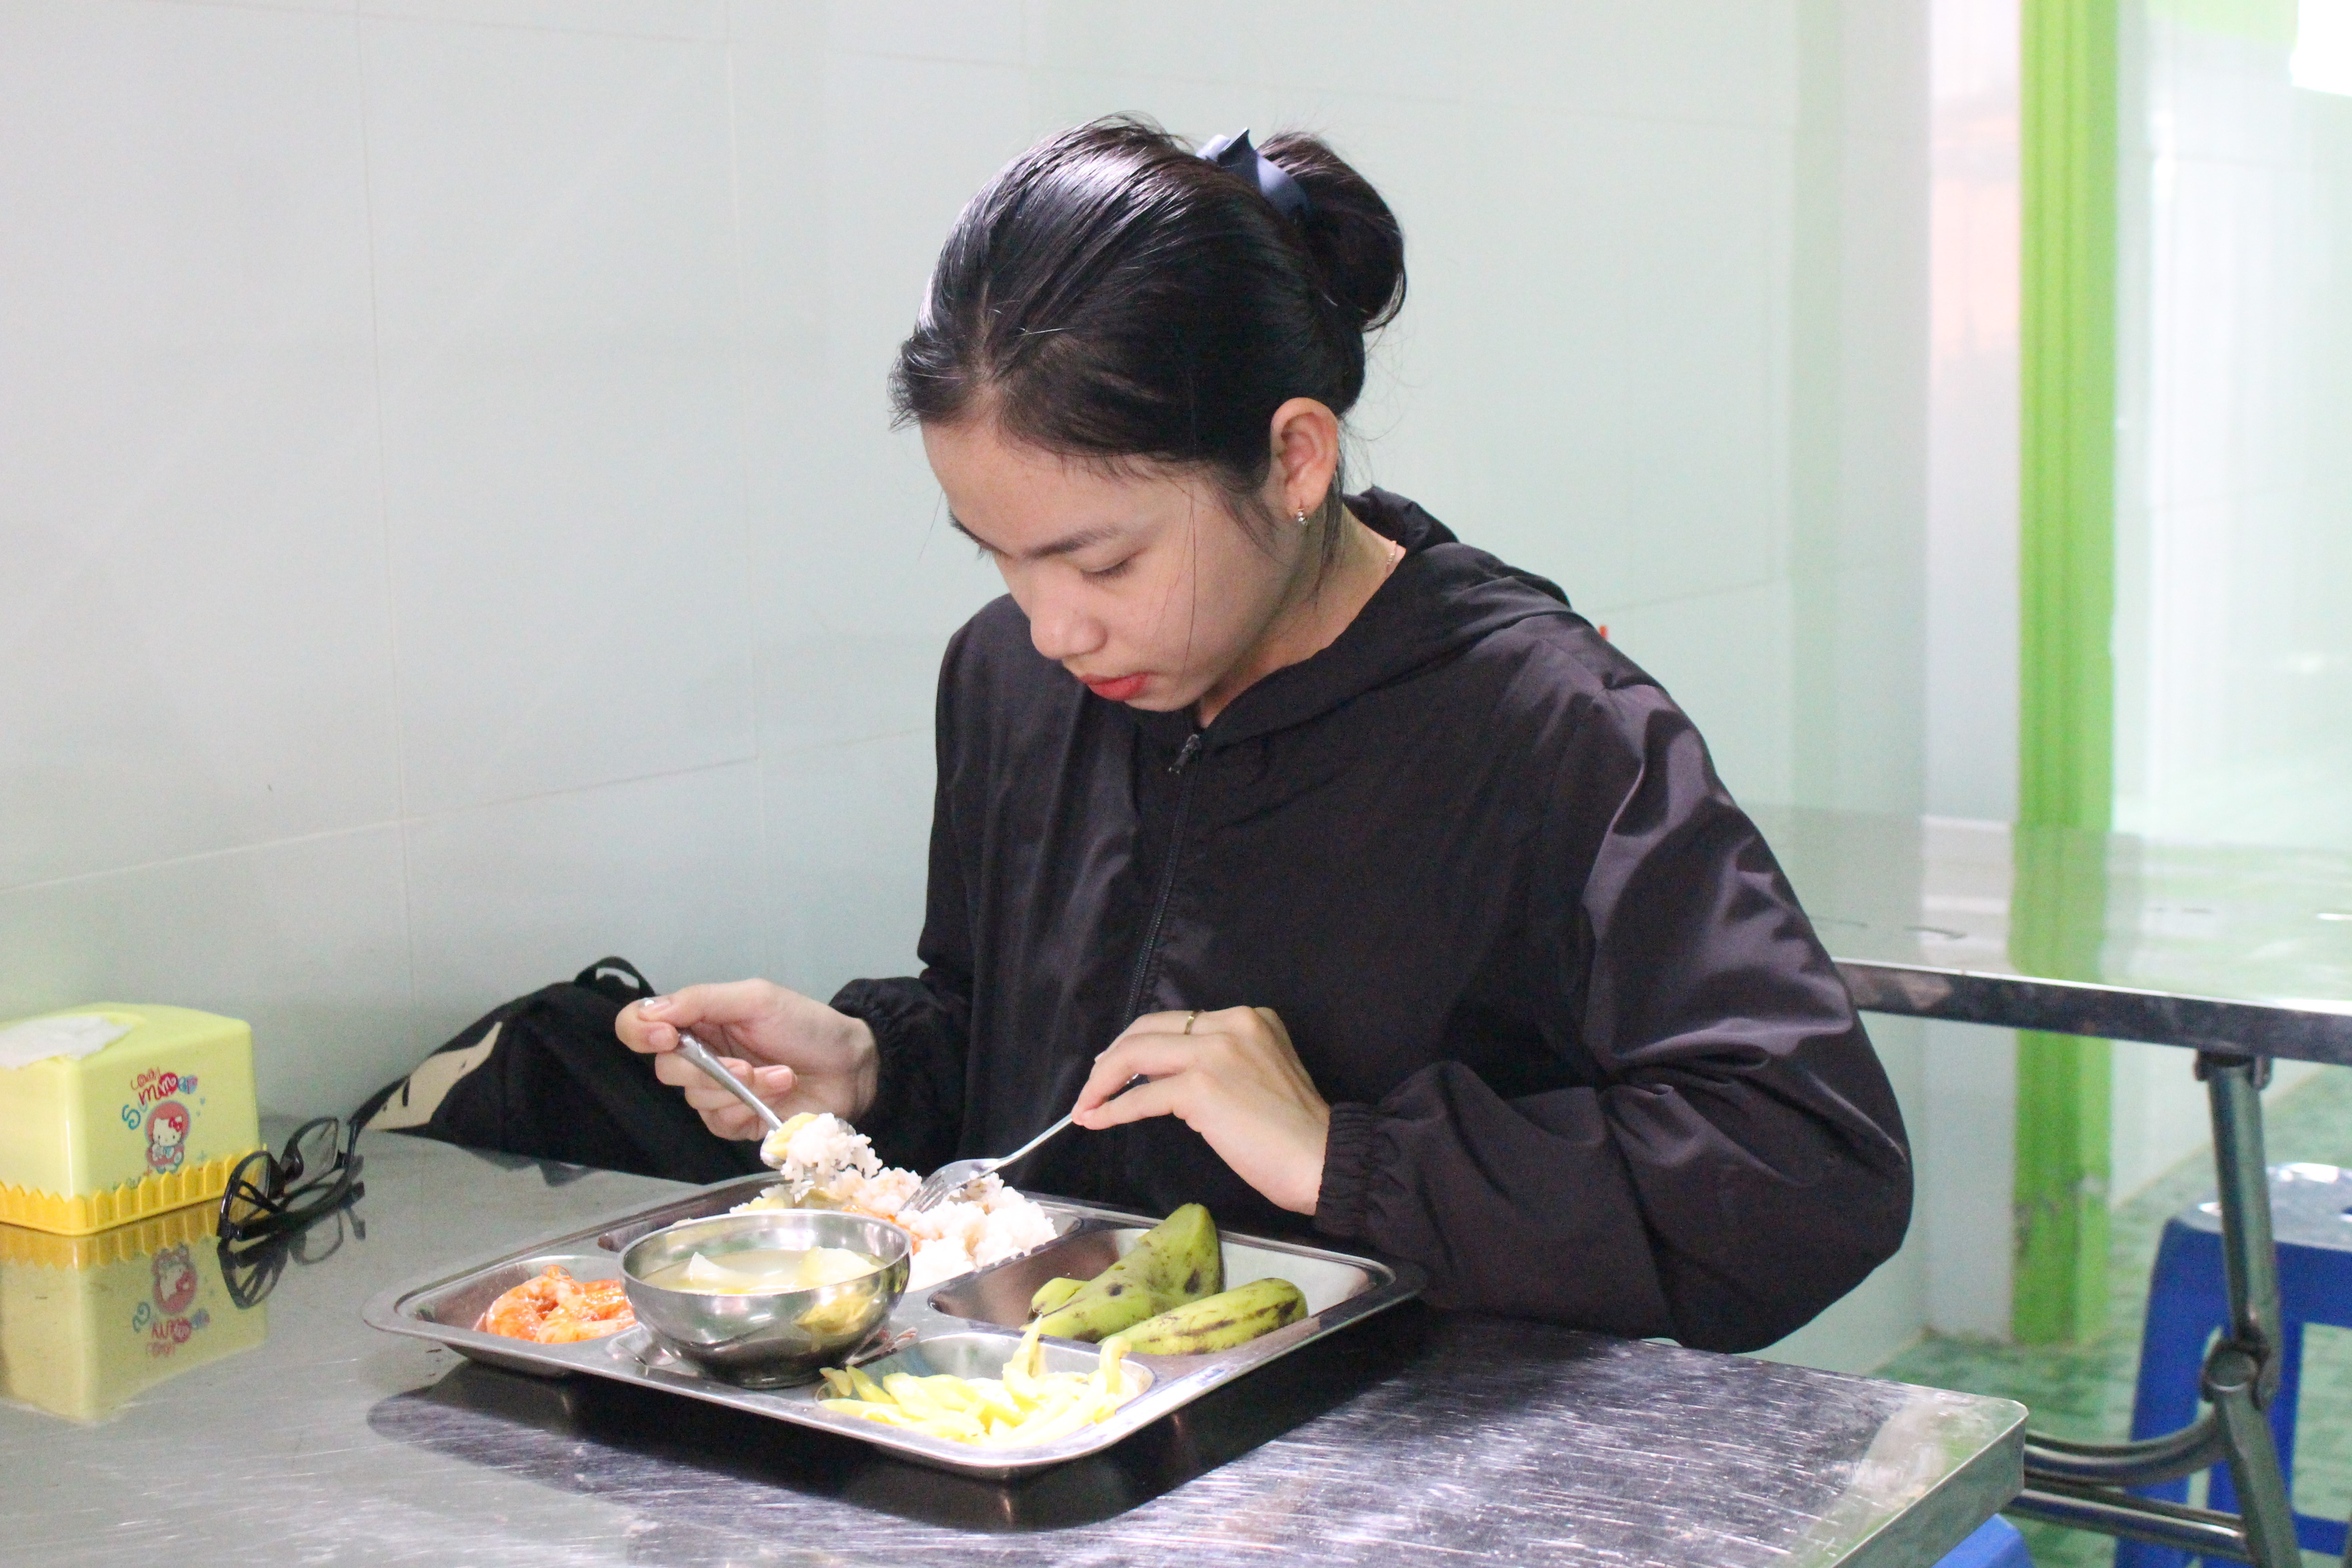 Sinh viên, học sinh ở gần quán cũng đến ăn, tiết kiệm để trang trải học tập